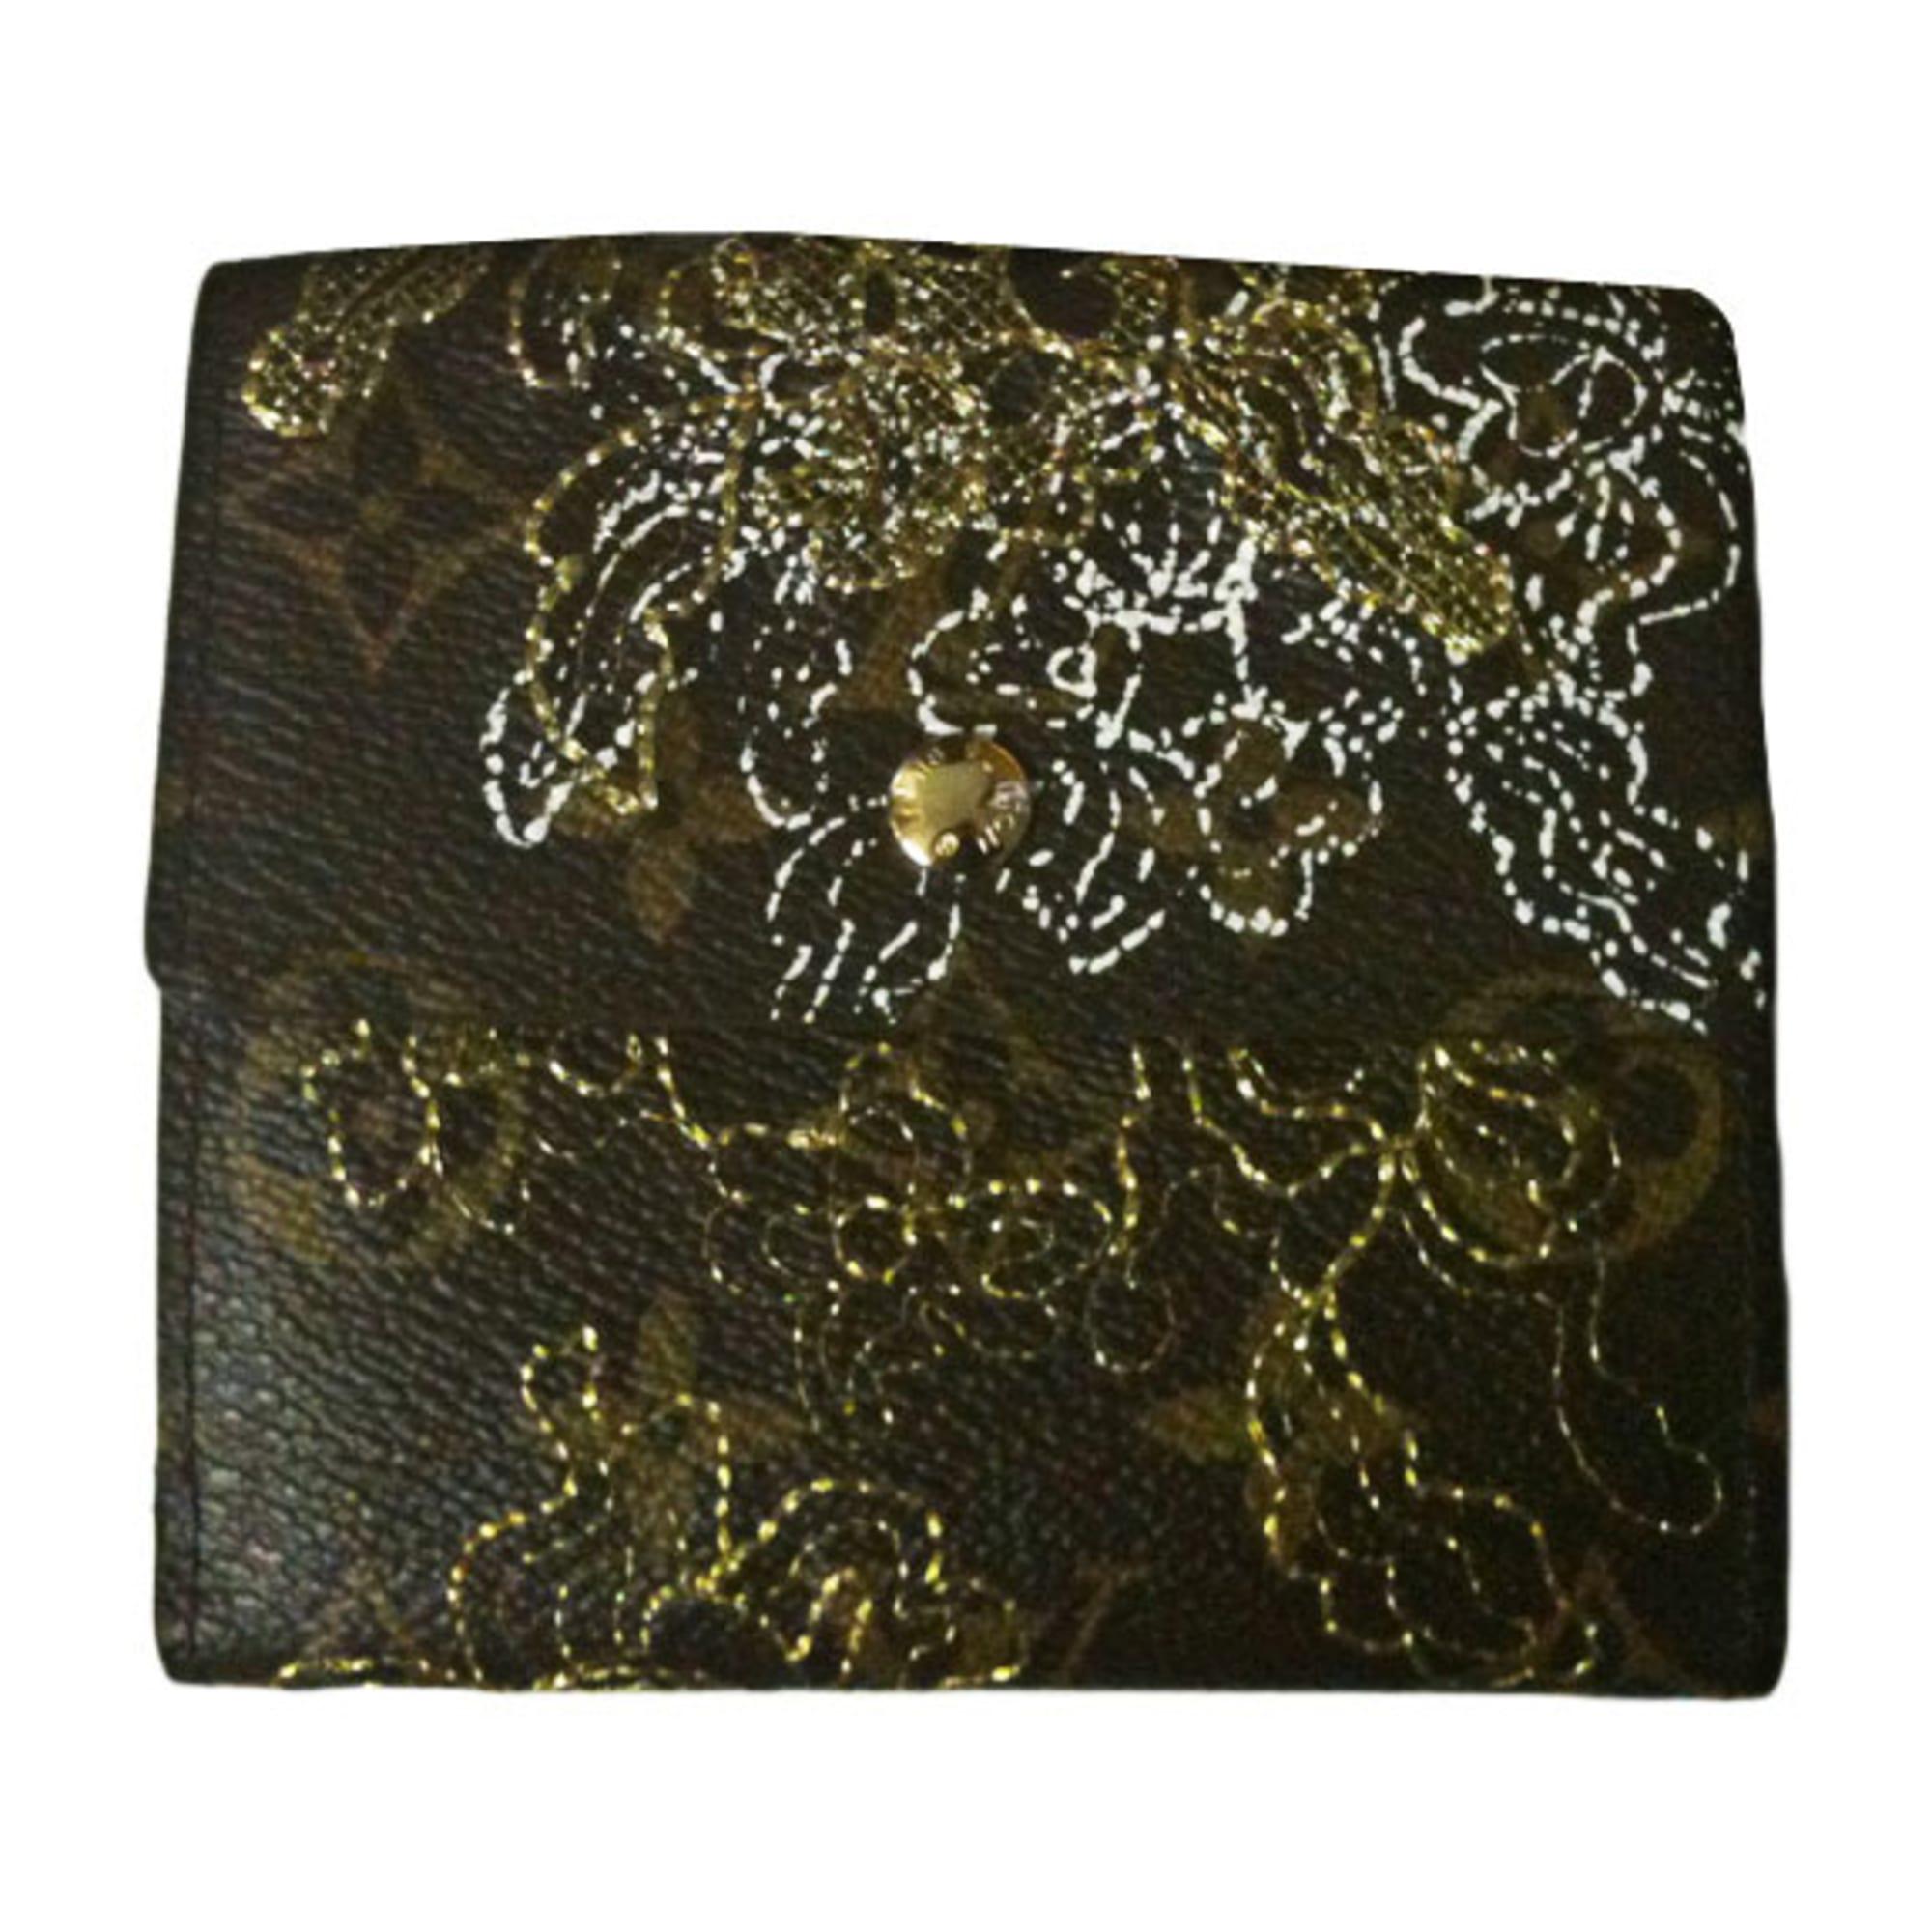 3e472427ab9 Portefeuille LOUIS VUITTON marron vendu par Jade sue590381 - 2794533